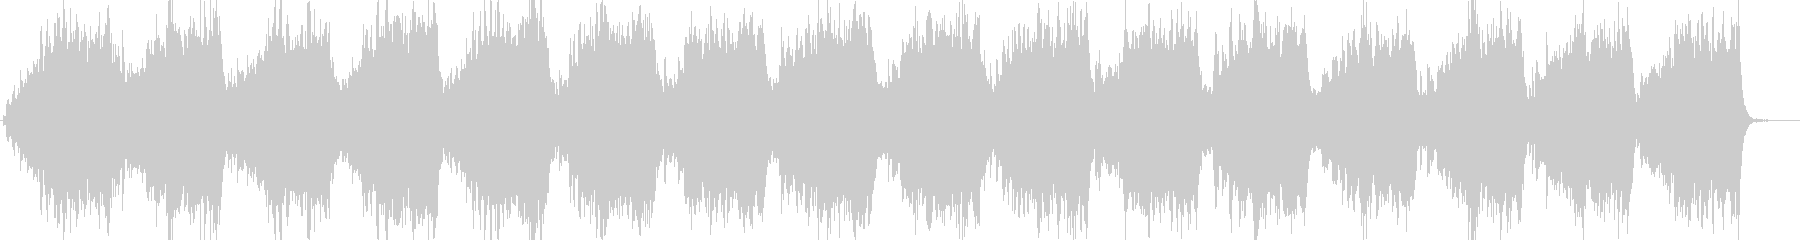 森の中をイメージしたヒーリングBGMの未再生の波形